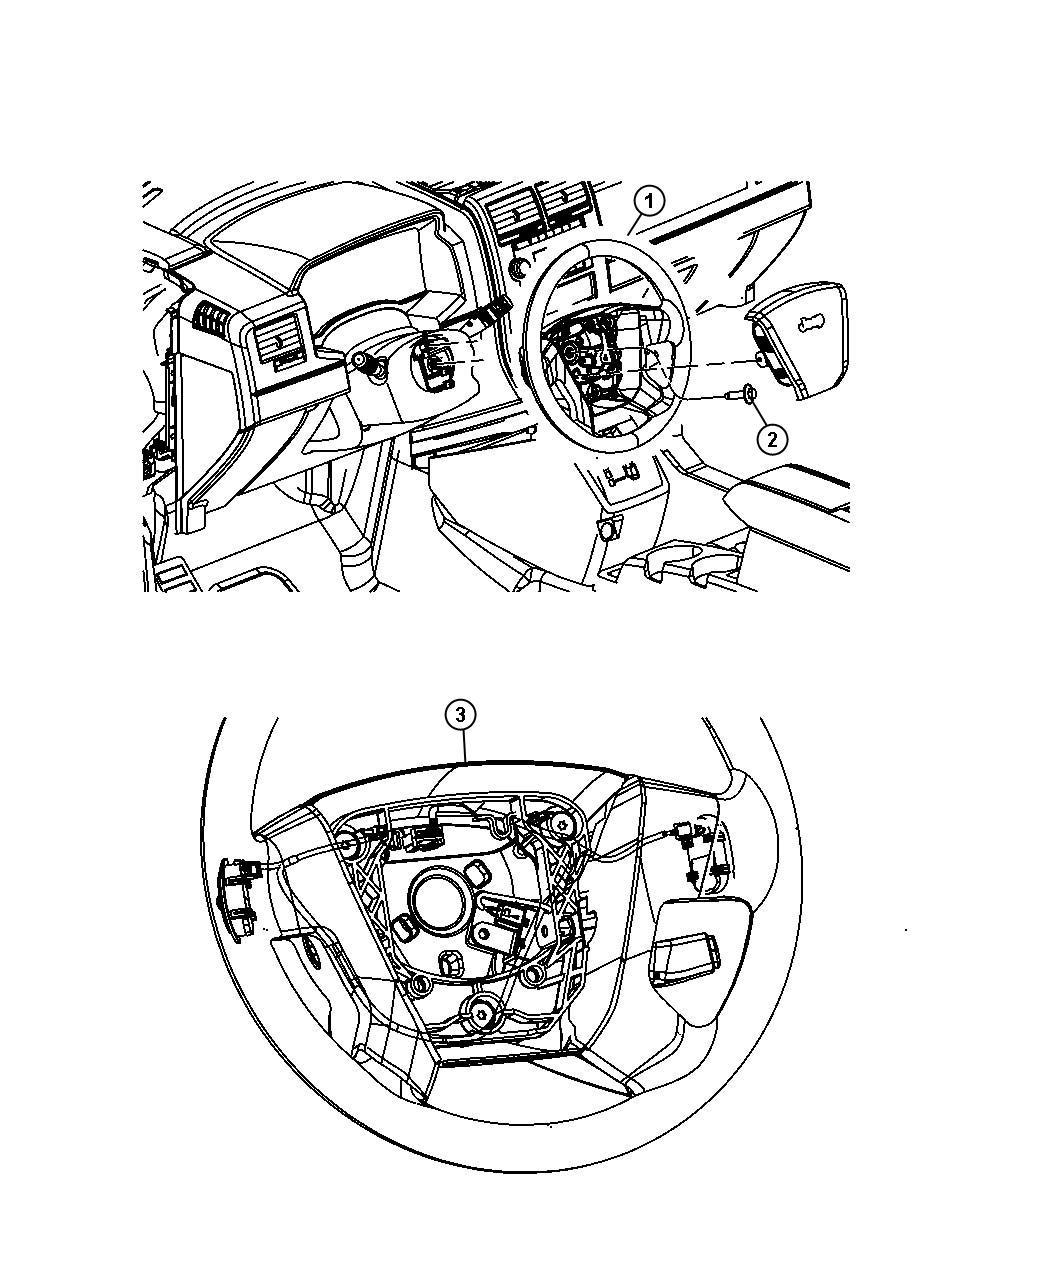 Chrysler Pt Cruiser Wheel Steering Trim All Trim Codes Color Pastel Slate Gray